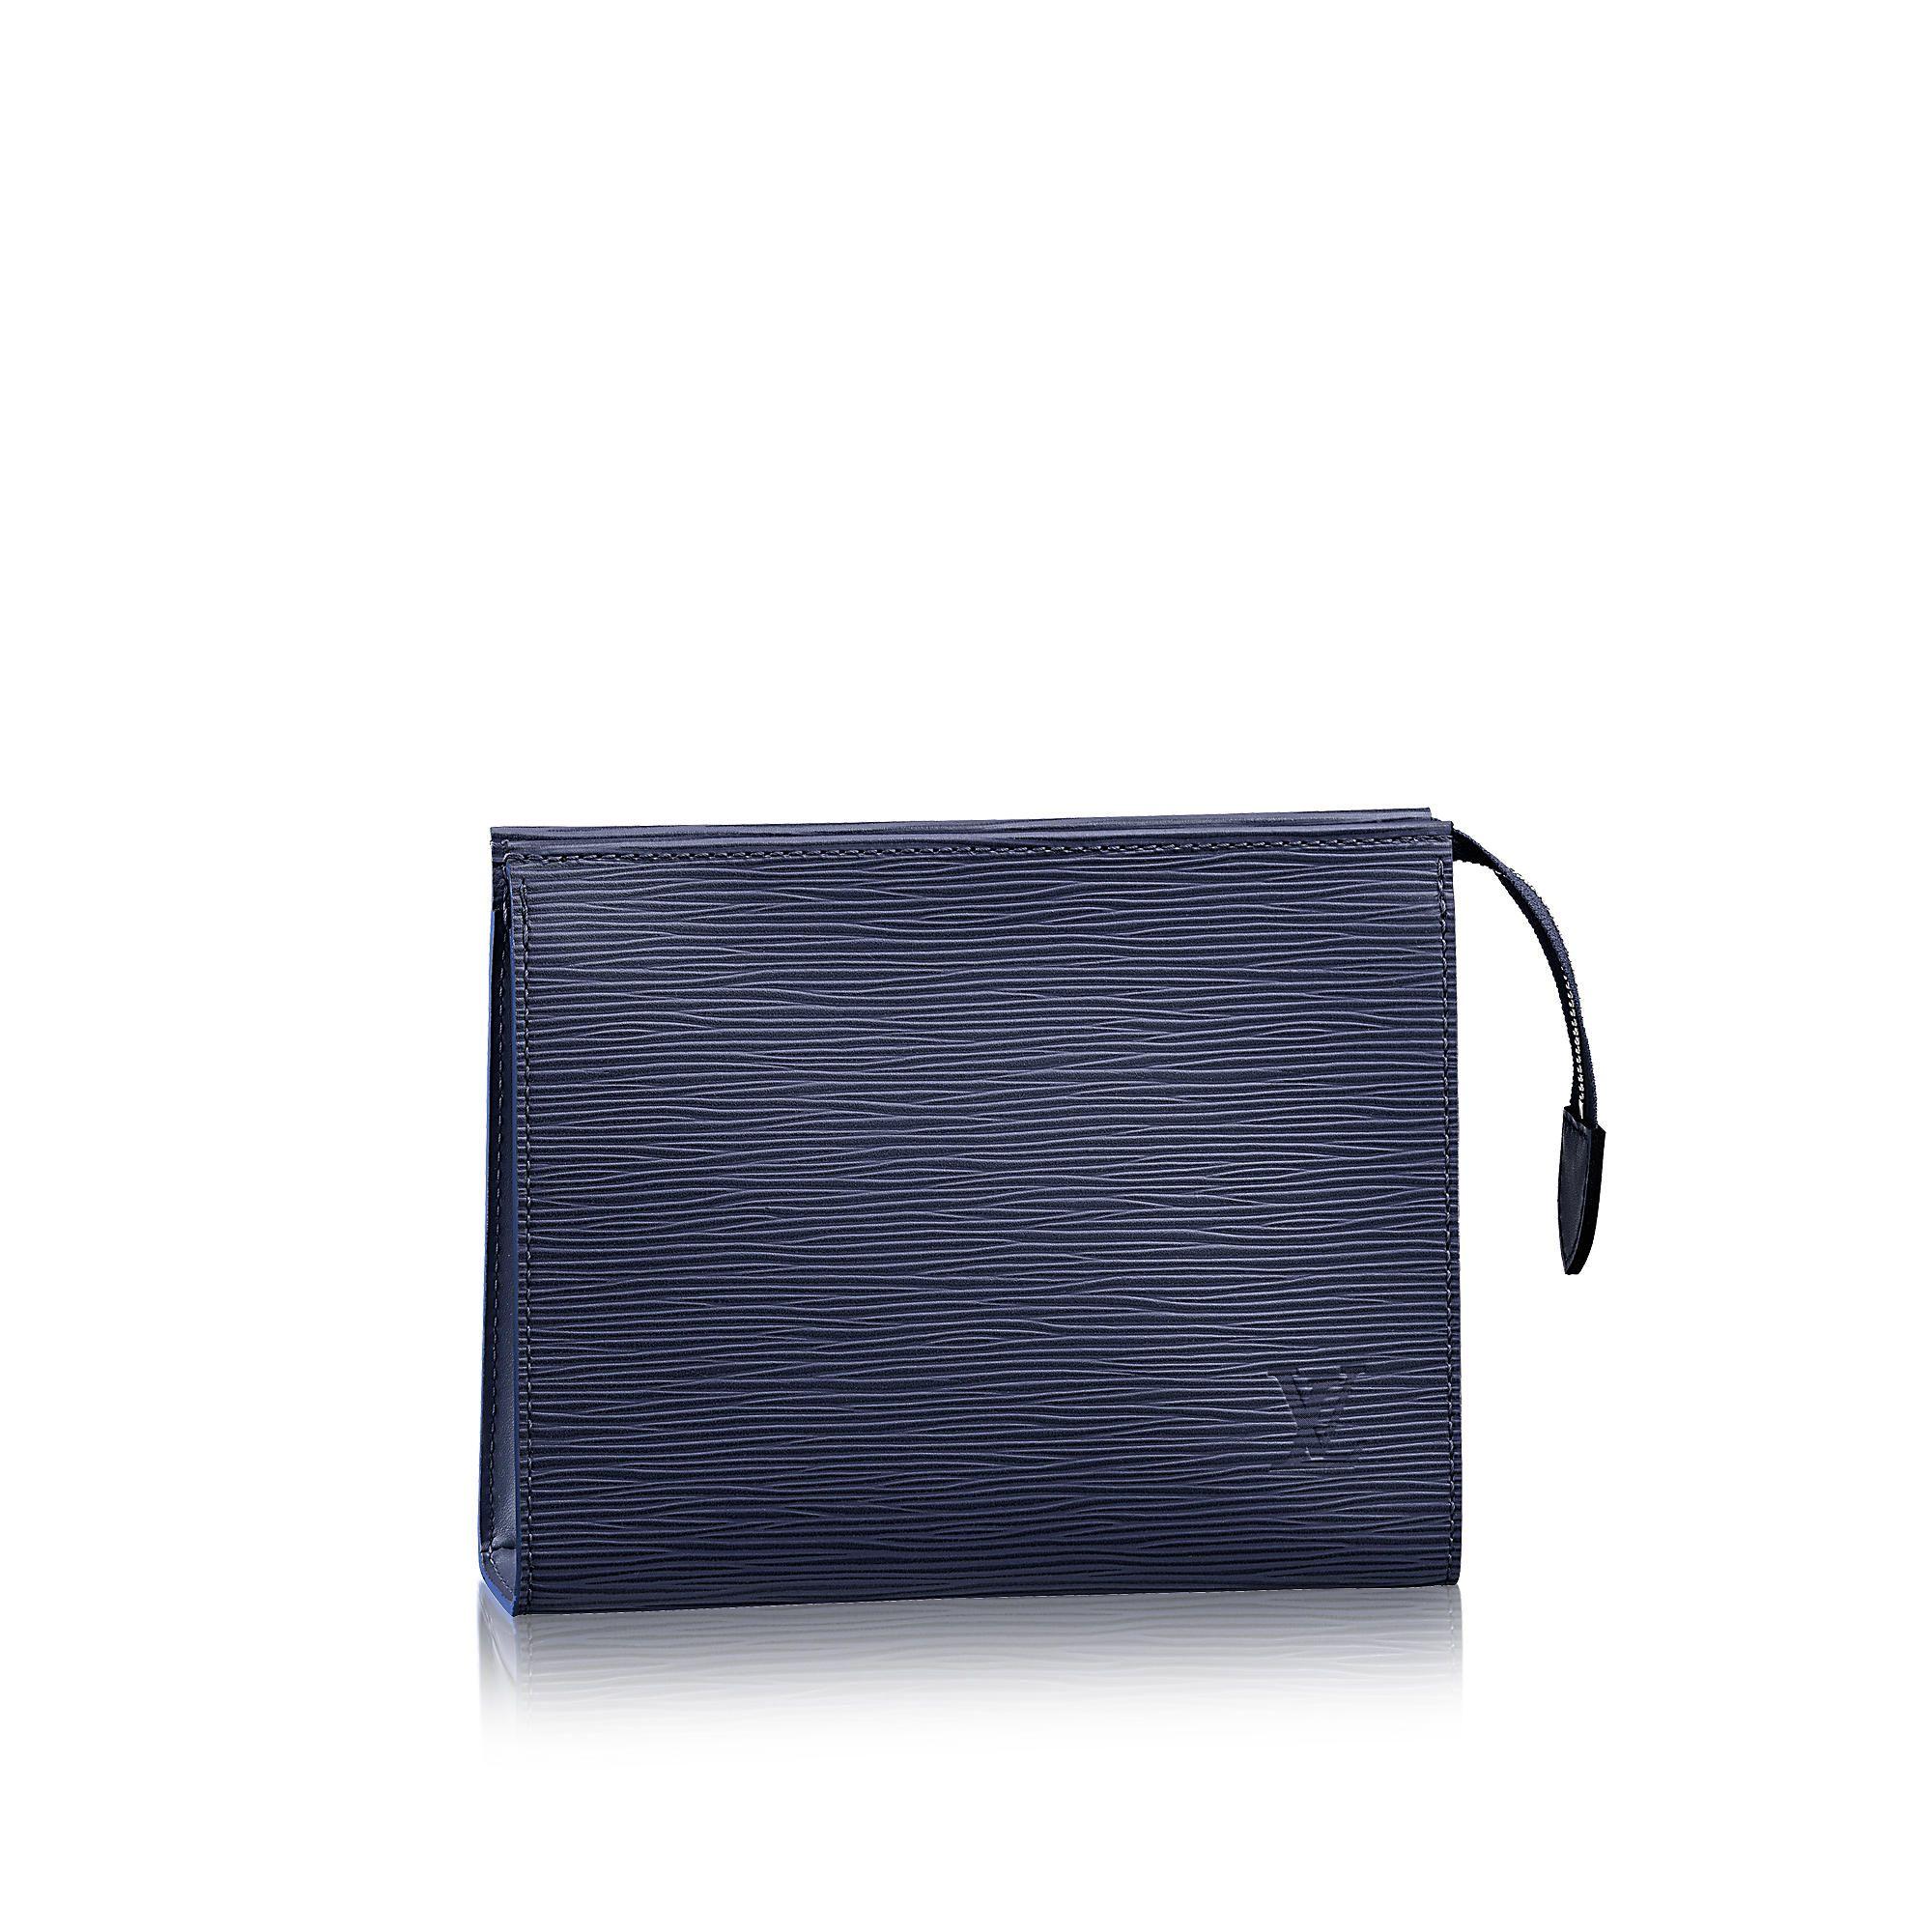 93e671ba3ca34 Louis Vuitton Toiletry Pouch 19 in Indigo Epi - indigo coated canvas lining  -  545